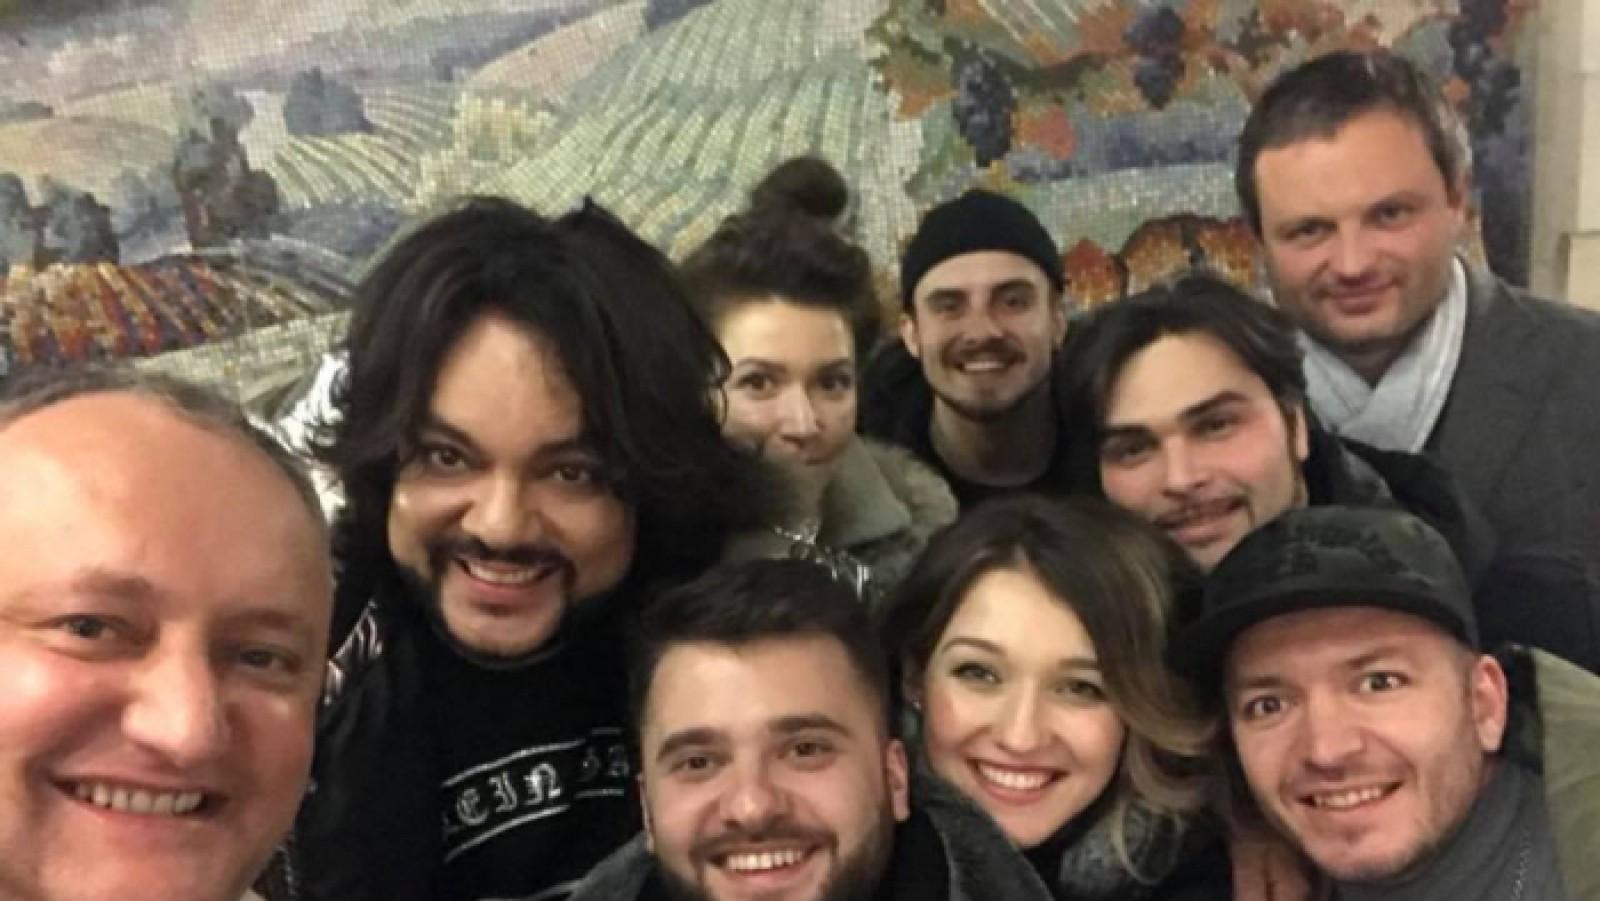 Eurovision 2018: Reprezentanta Israelului este favorita competiției. Cântărețul din Cehia s-a rănit în timpul repetițiilor